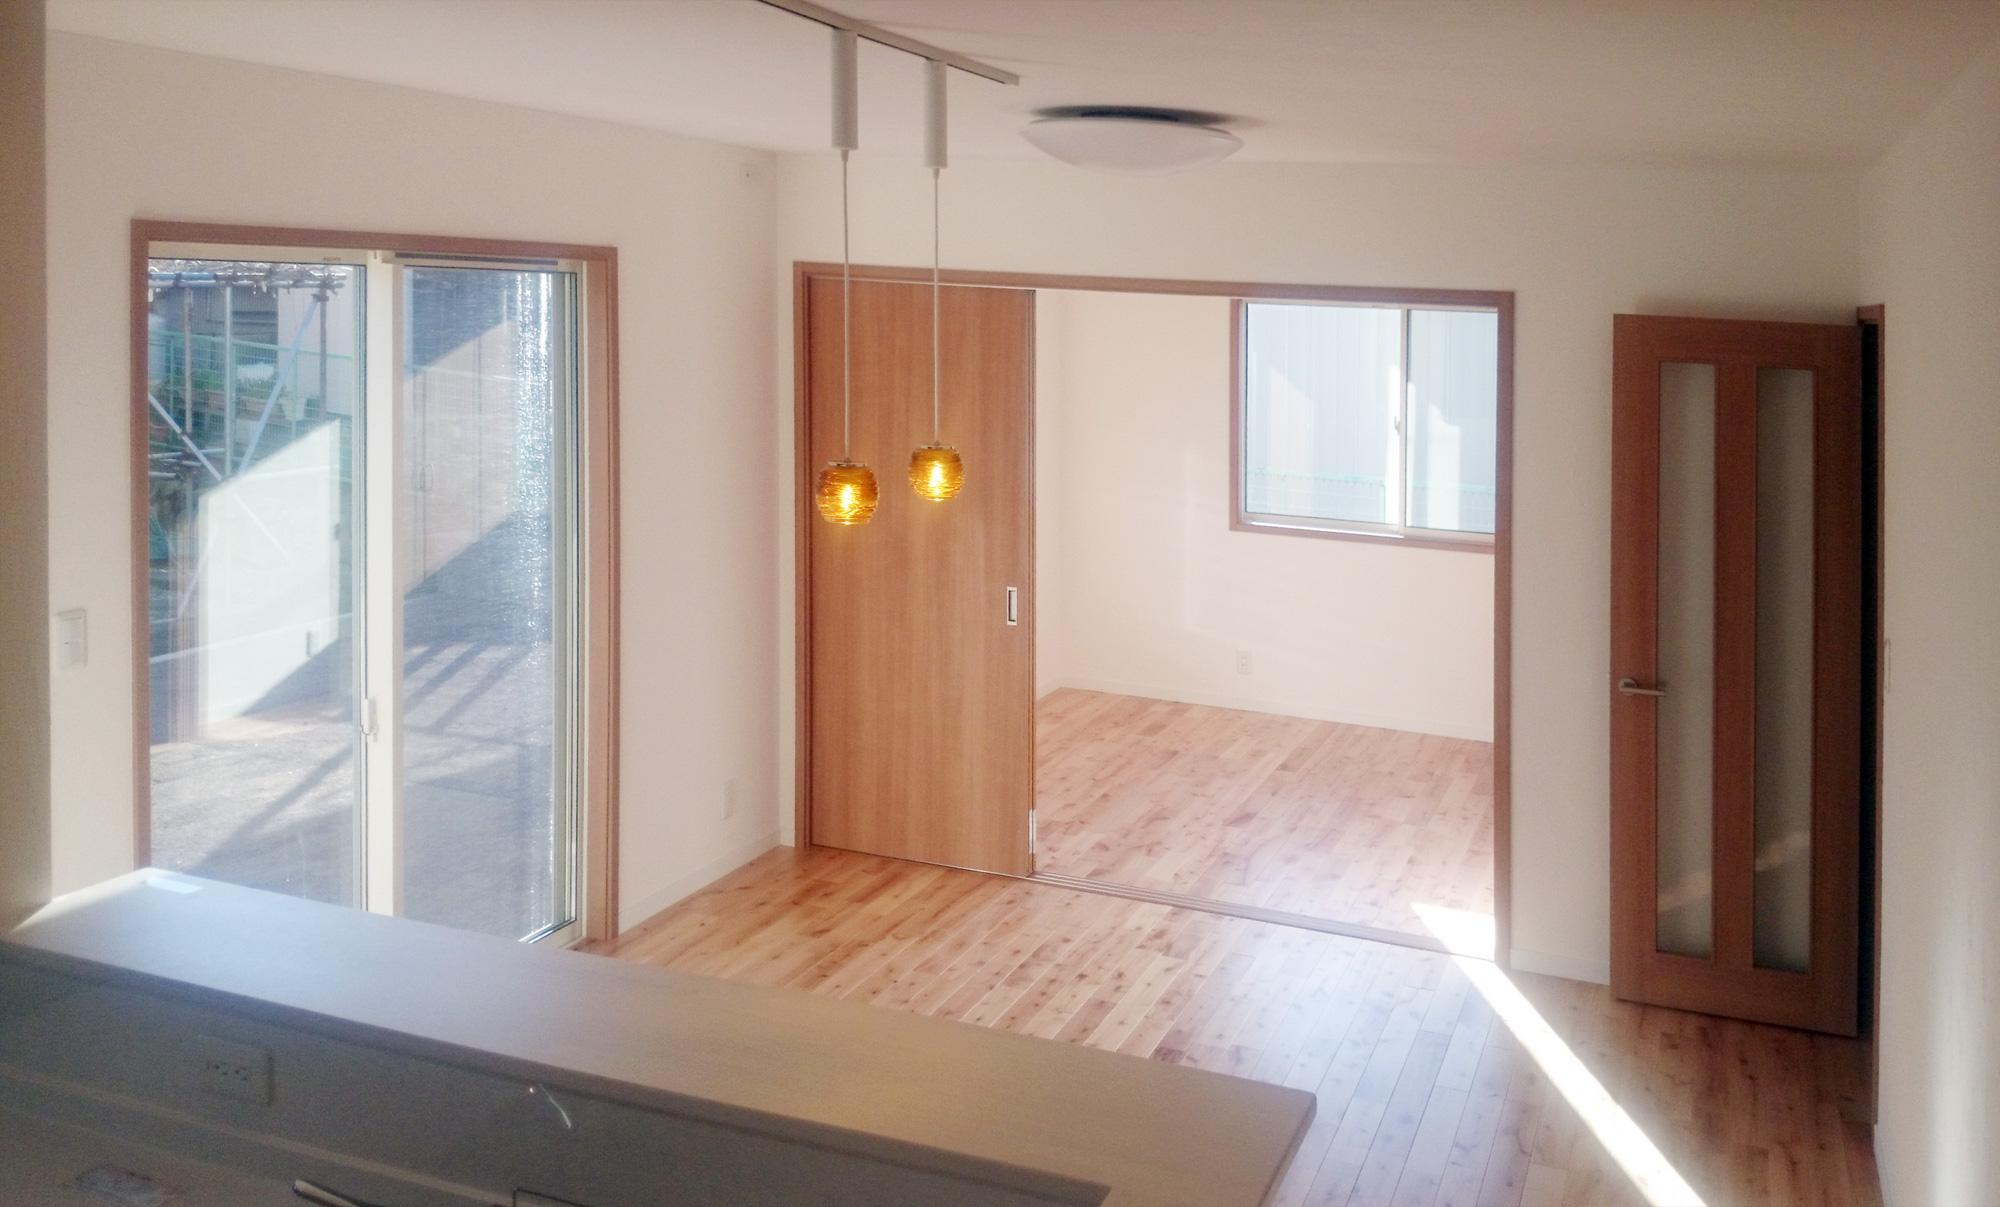 桜の木を使った無垢の床材と塗り壁でお家の中もかわいく仕上がっています。